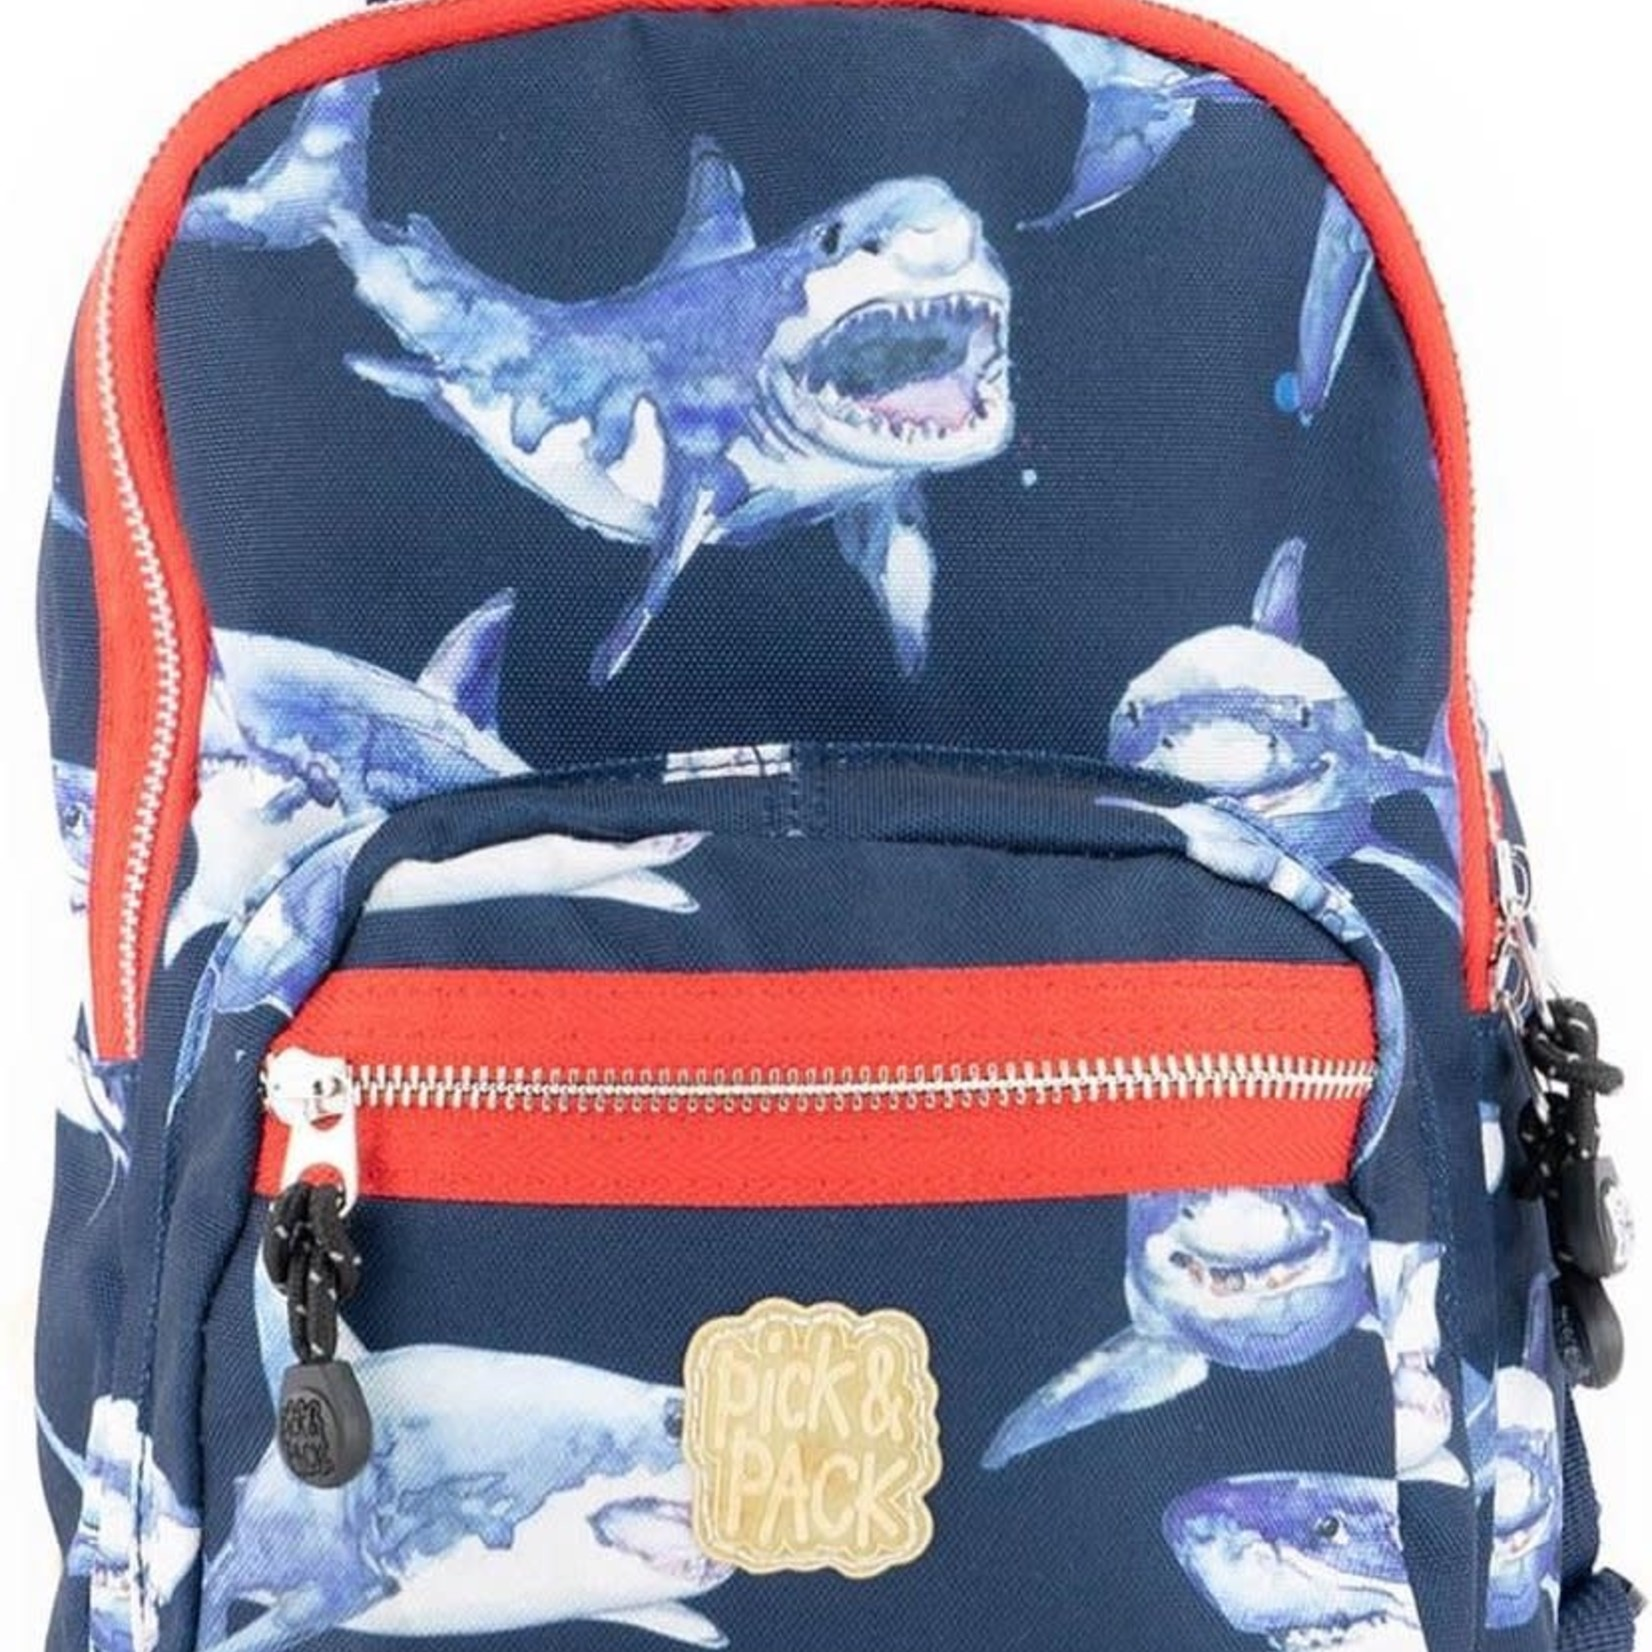 pick & pack PICK & PACK Shark NAVY